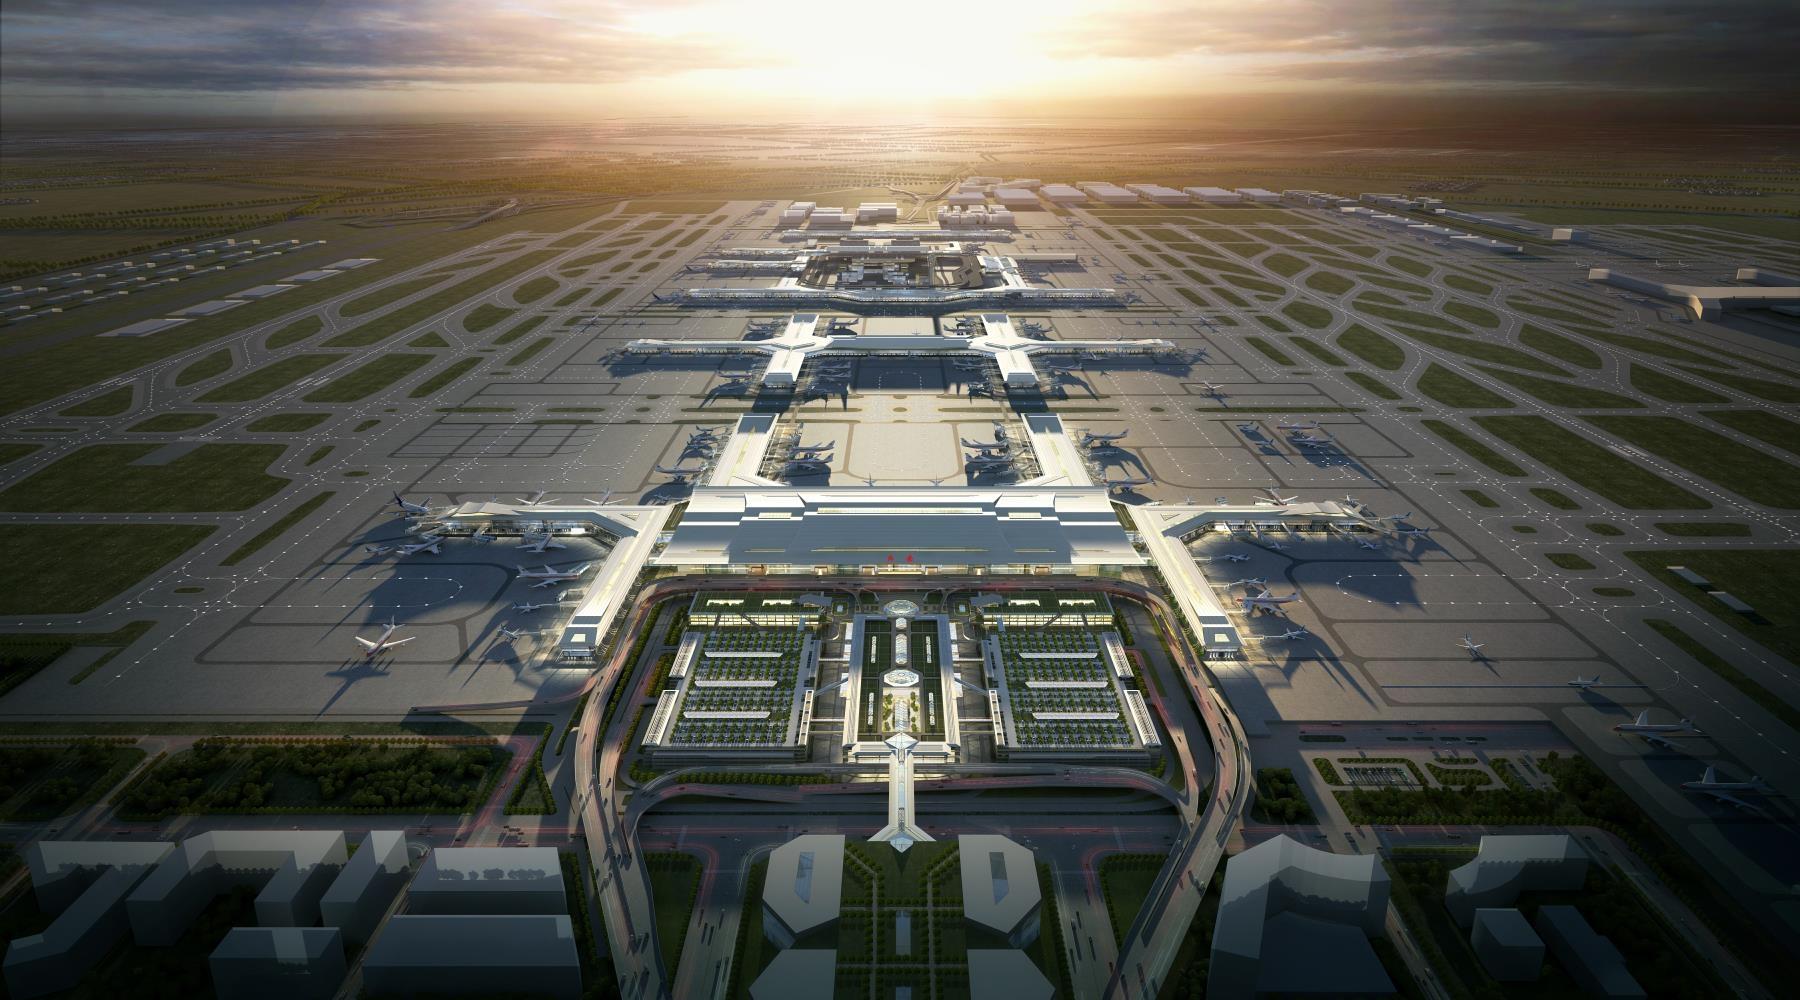 西安咸阳国际机场三期扩建工程初步设计及概算整体获得批复